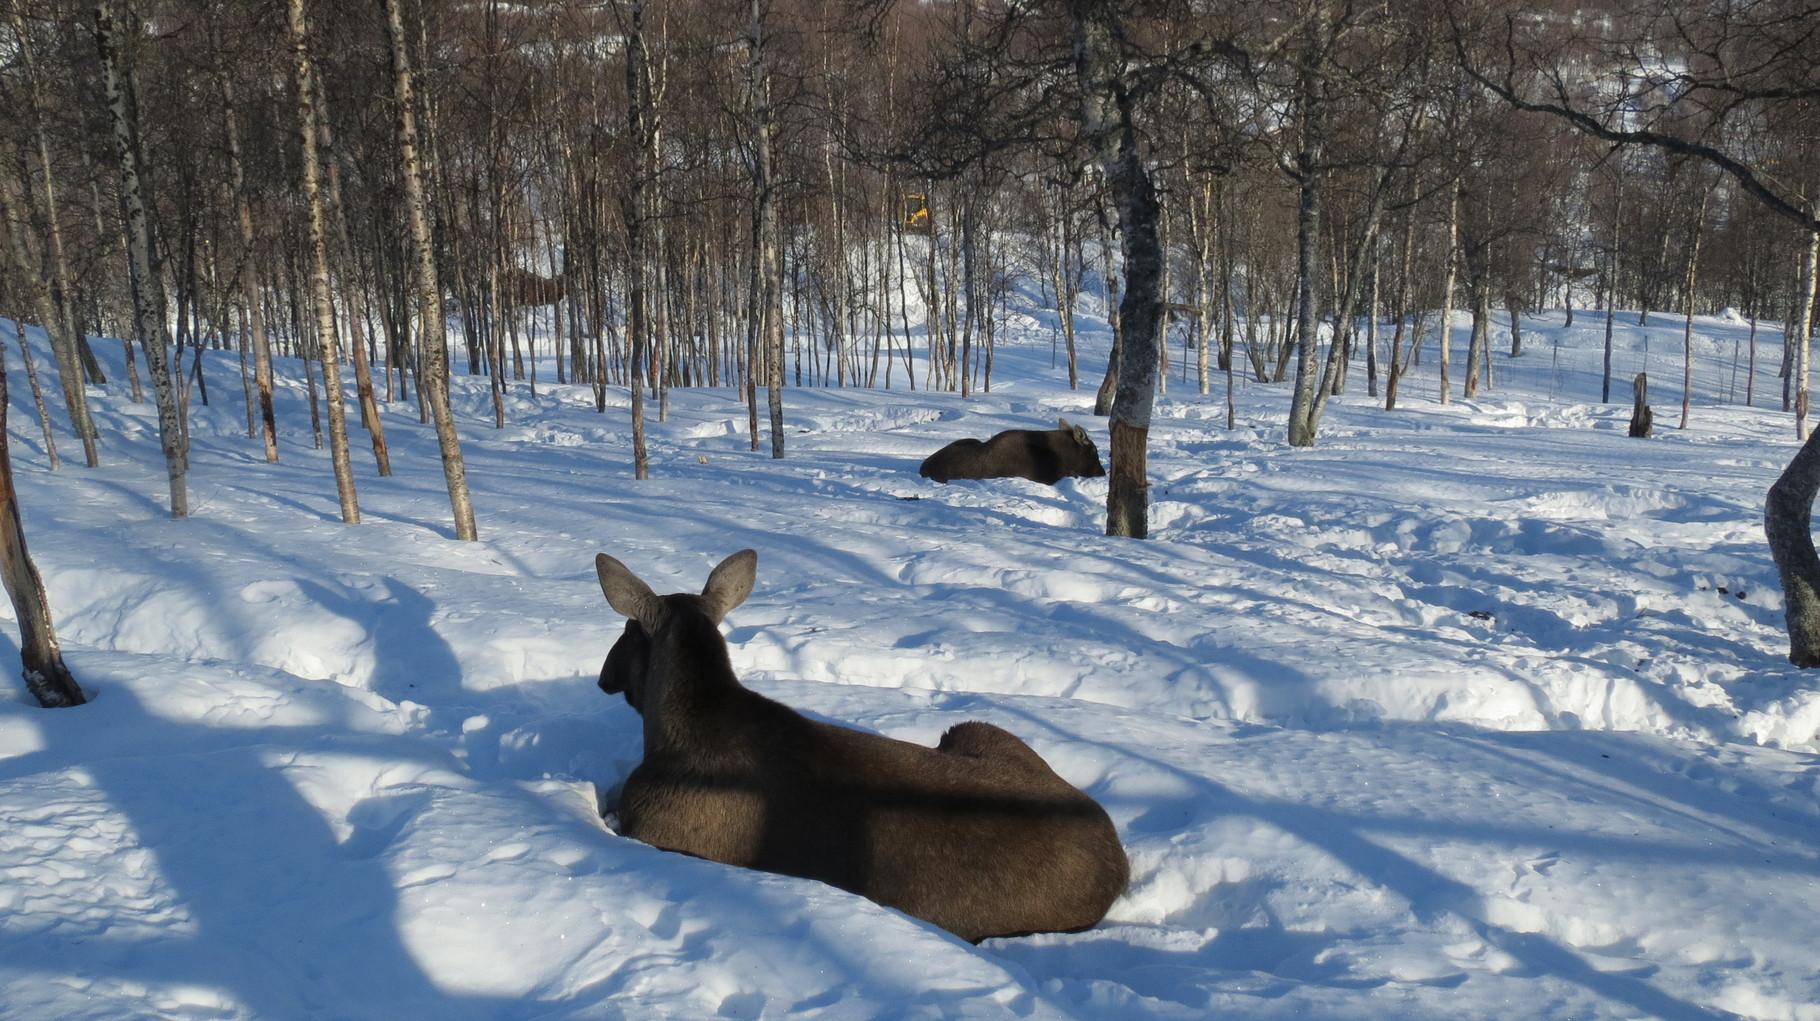 ... die Elche dagegen lagen eher gelangweilt im Schnee herum.